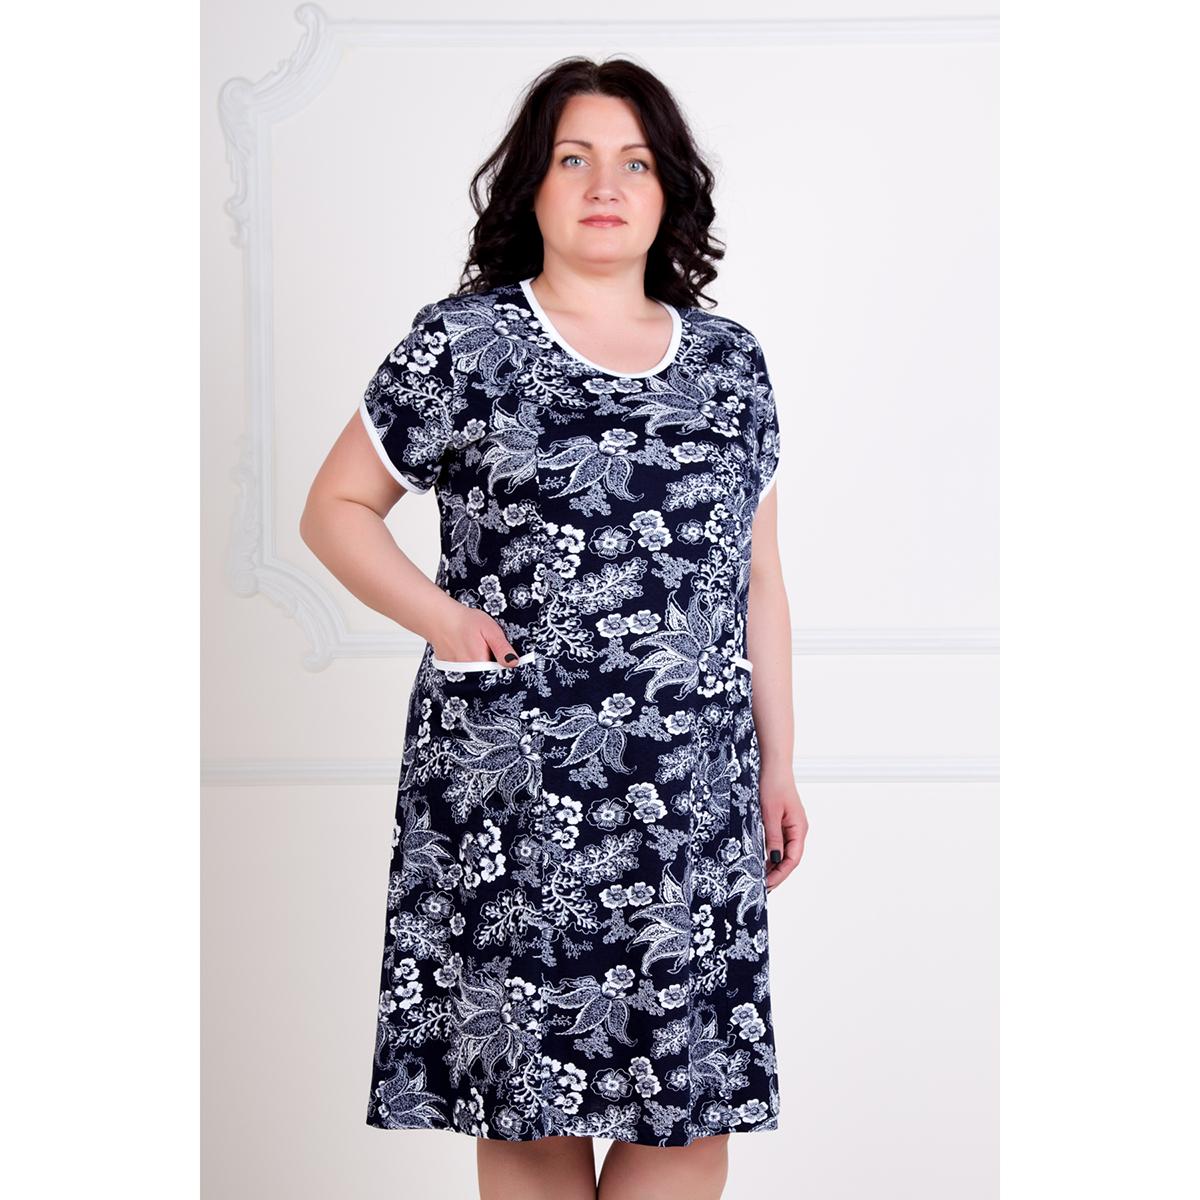 Женское платье Нинель, размер 60Платья, туники<br>Обхват груди:120 см<br>Обхват талии:101 см<br>Обхват бедер:128 см<br>Длина по спинке:104 см<br>Рост:167 см<br><br>Тип: Жен. платье<br>Размер: 60<br>Материал: Кулирка